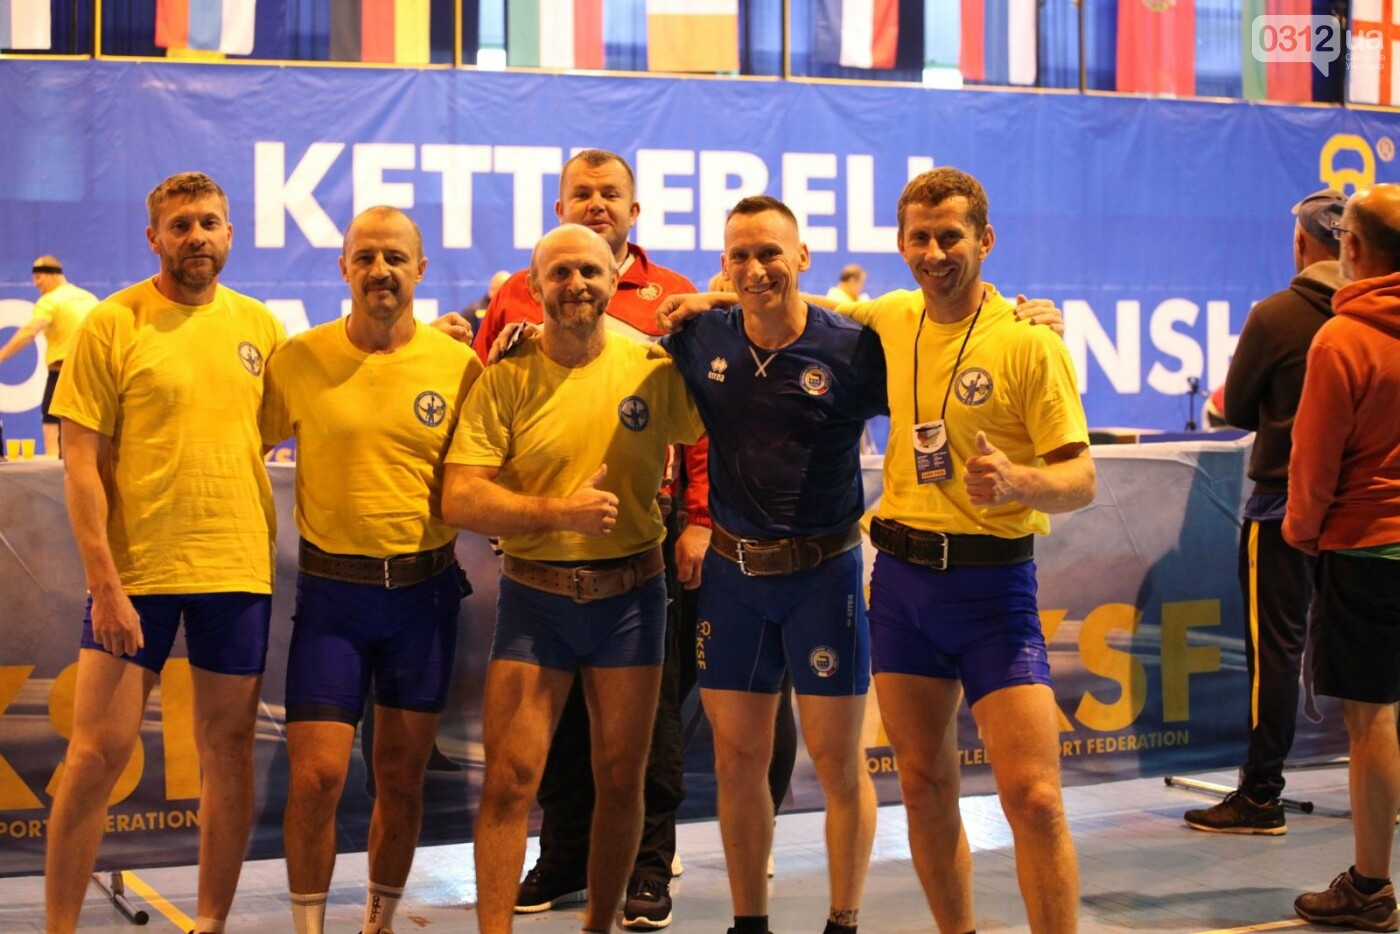 Троє закарпатців вибороли золото на Чемпіонаті Європи з гирьового спорту (ФОТО), фото-11